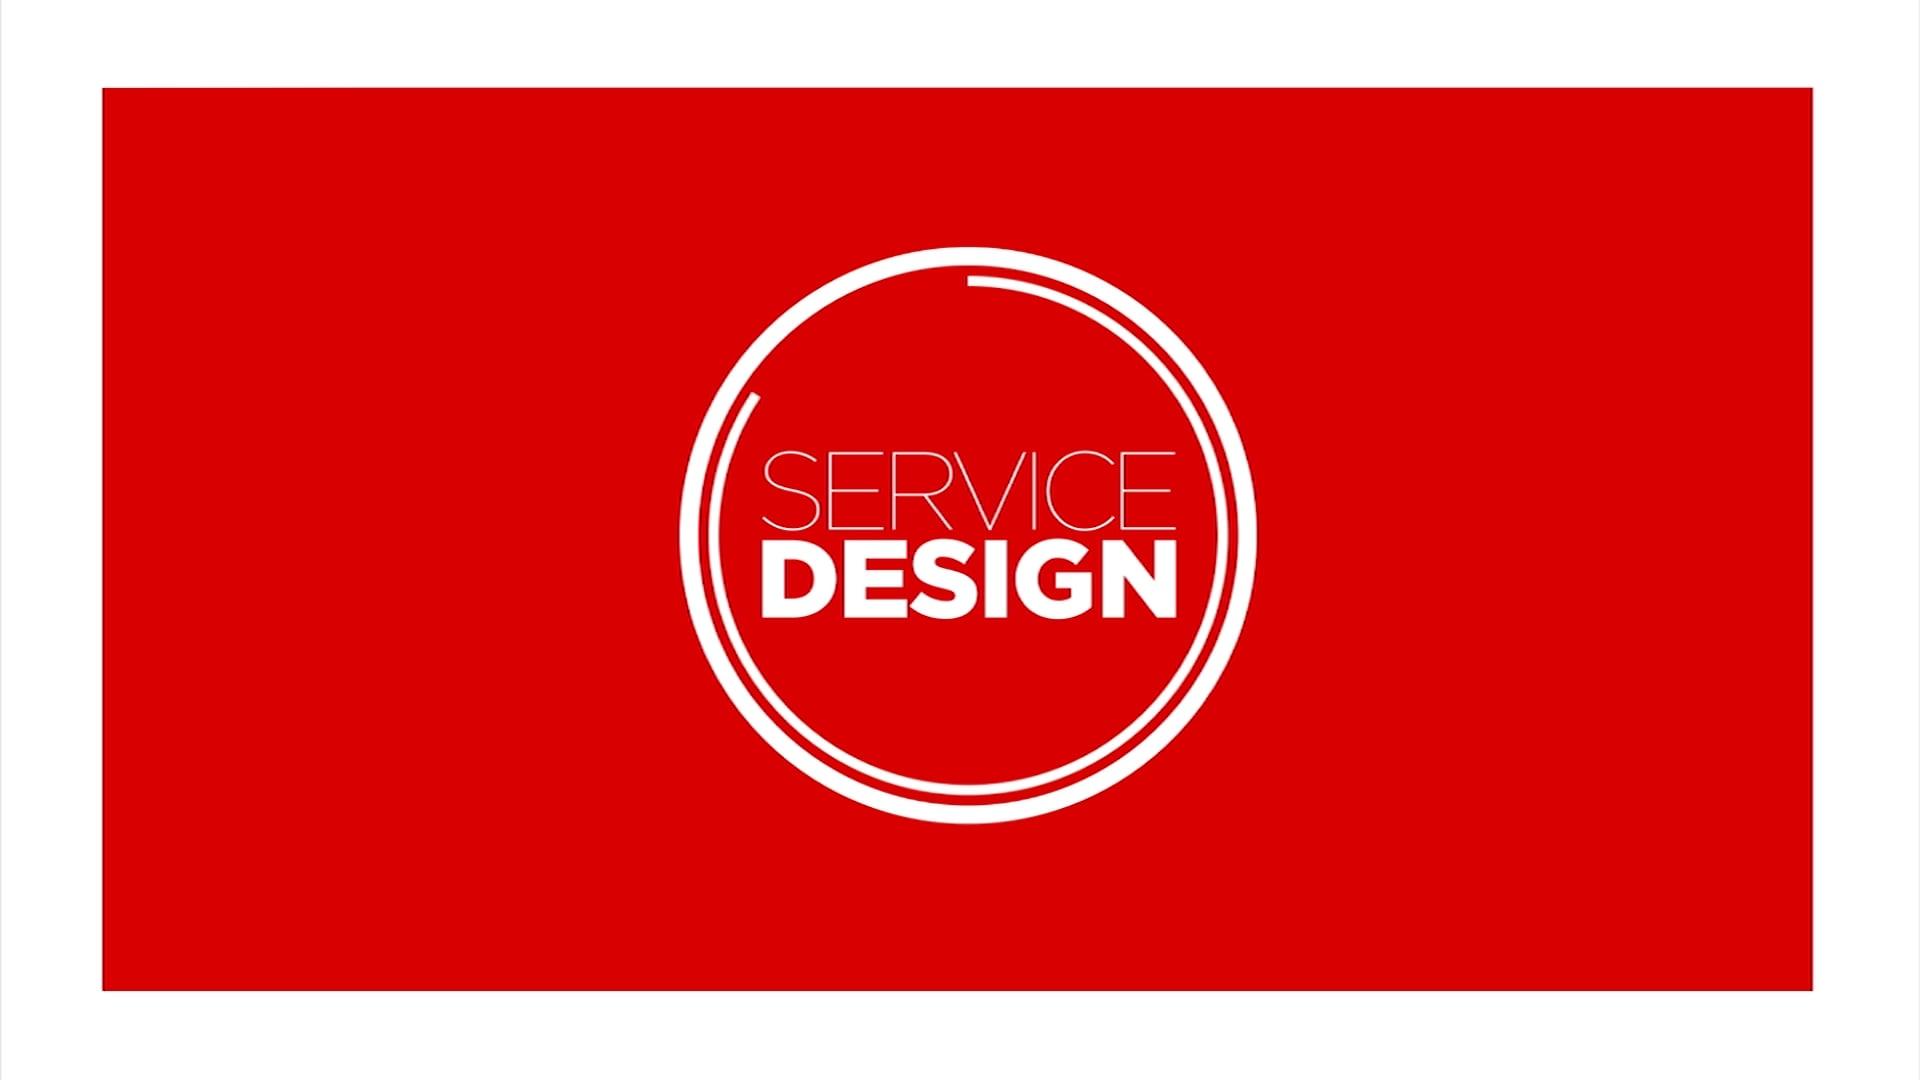 Service Design at Coca-Cola